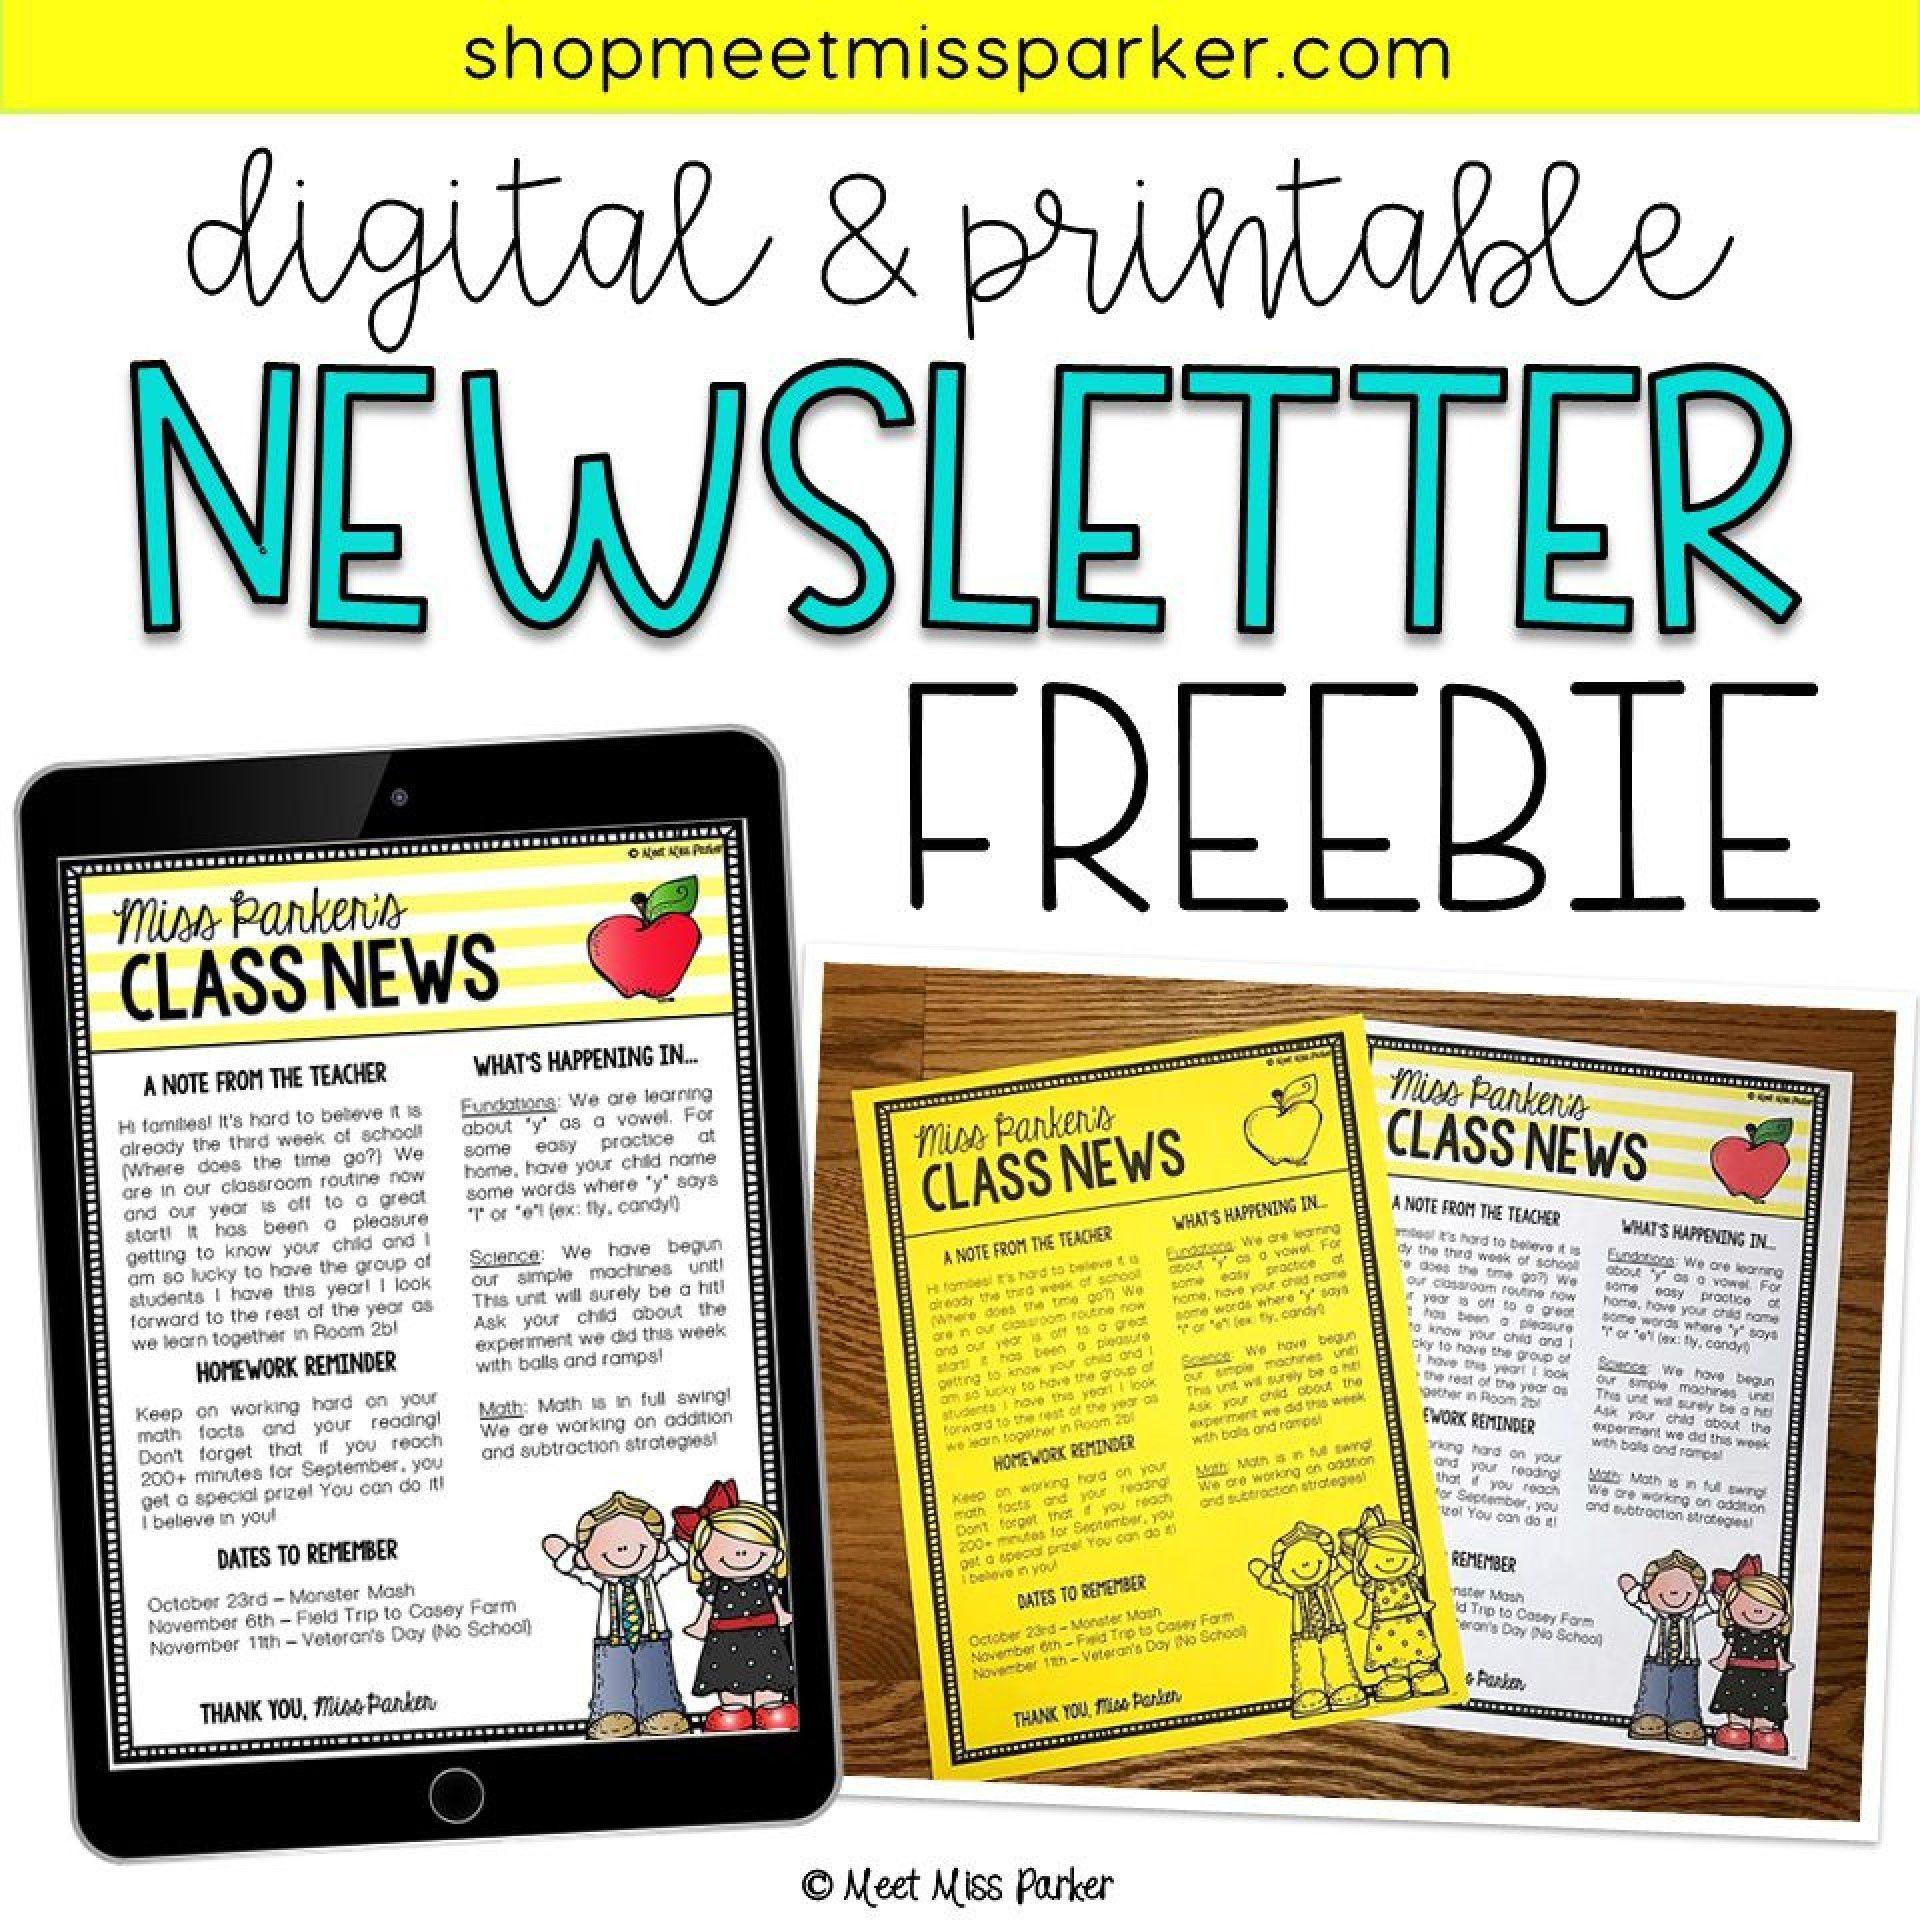 002 Wondrou Google Newsletter Template For Teacher Idea  Teachers Free1920